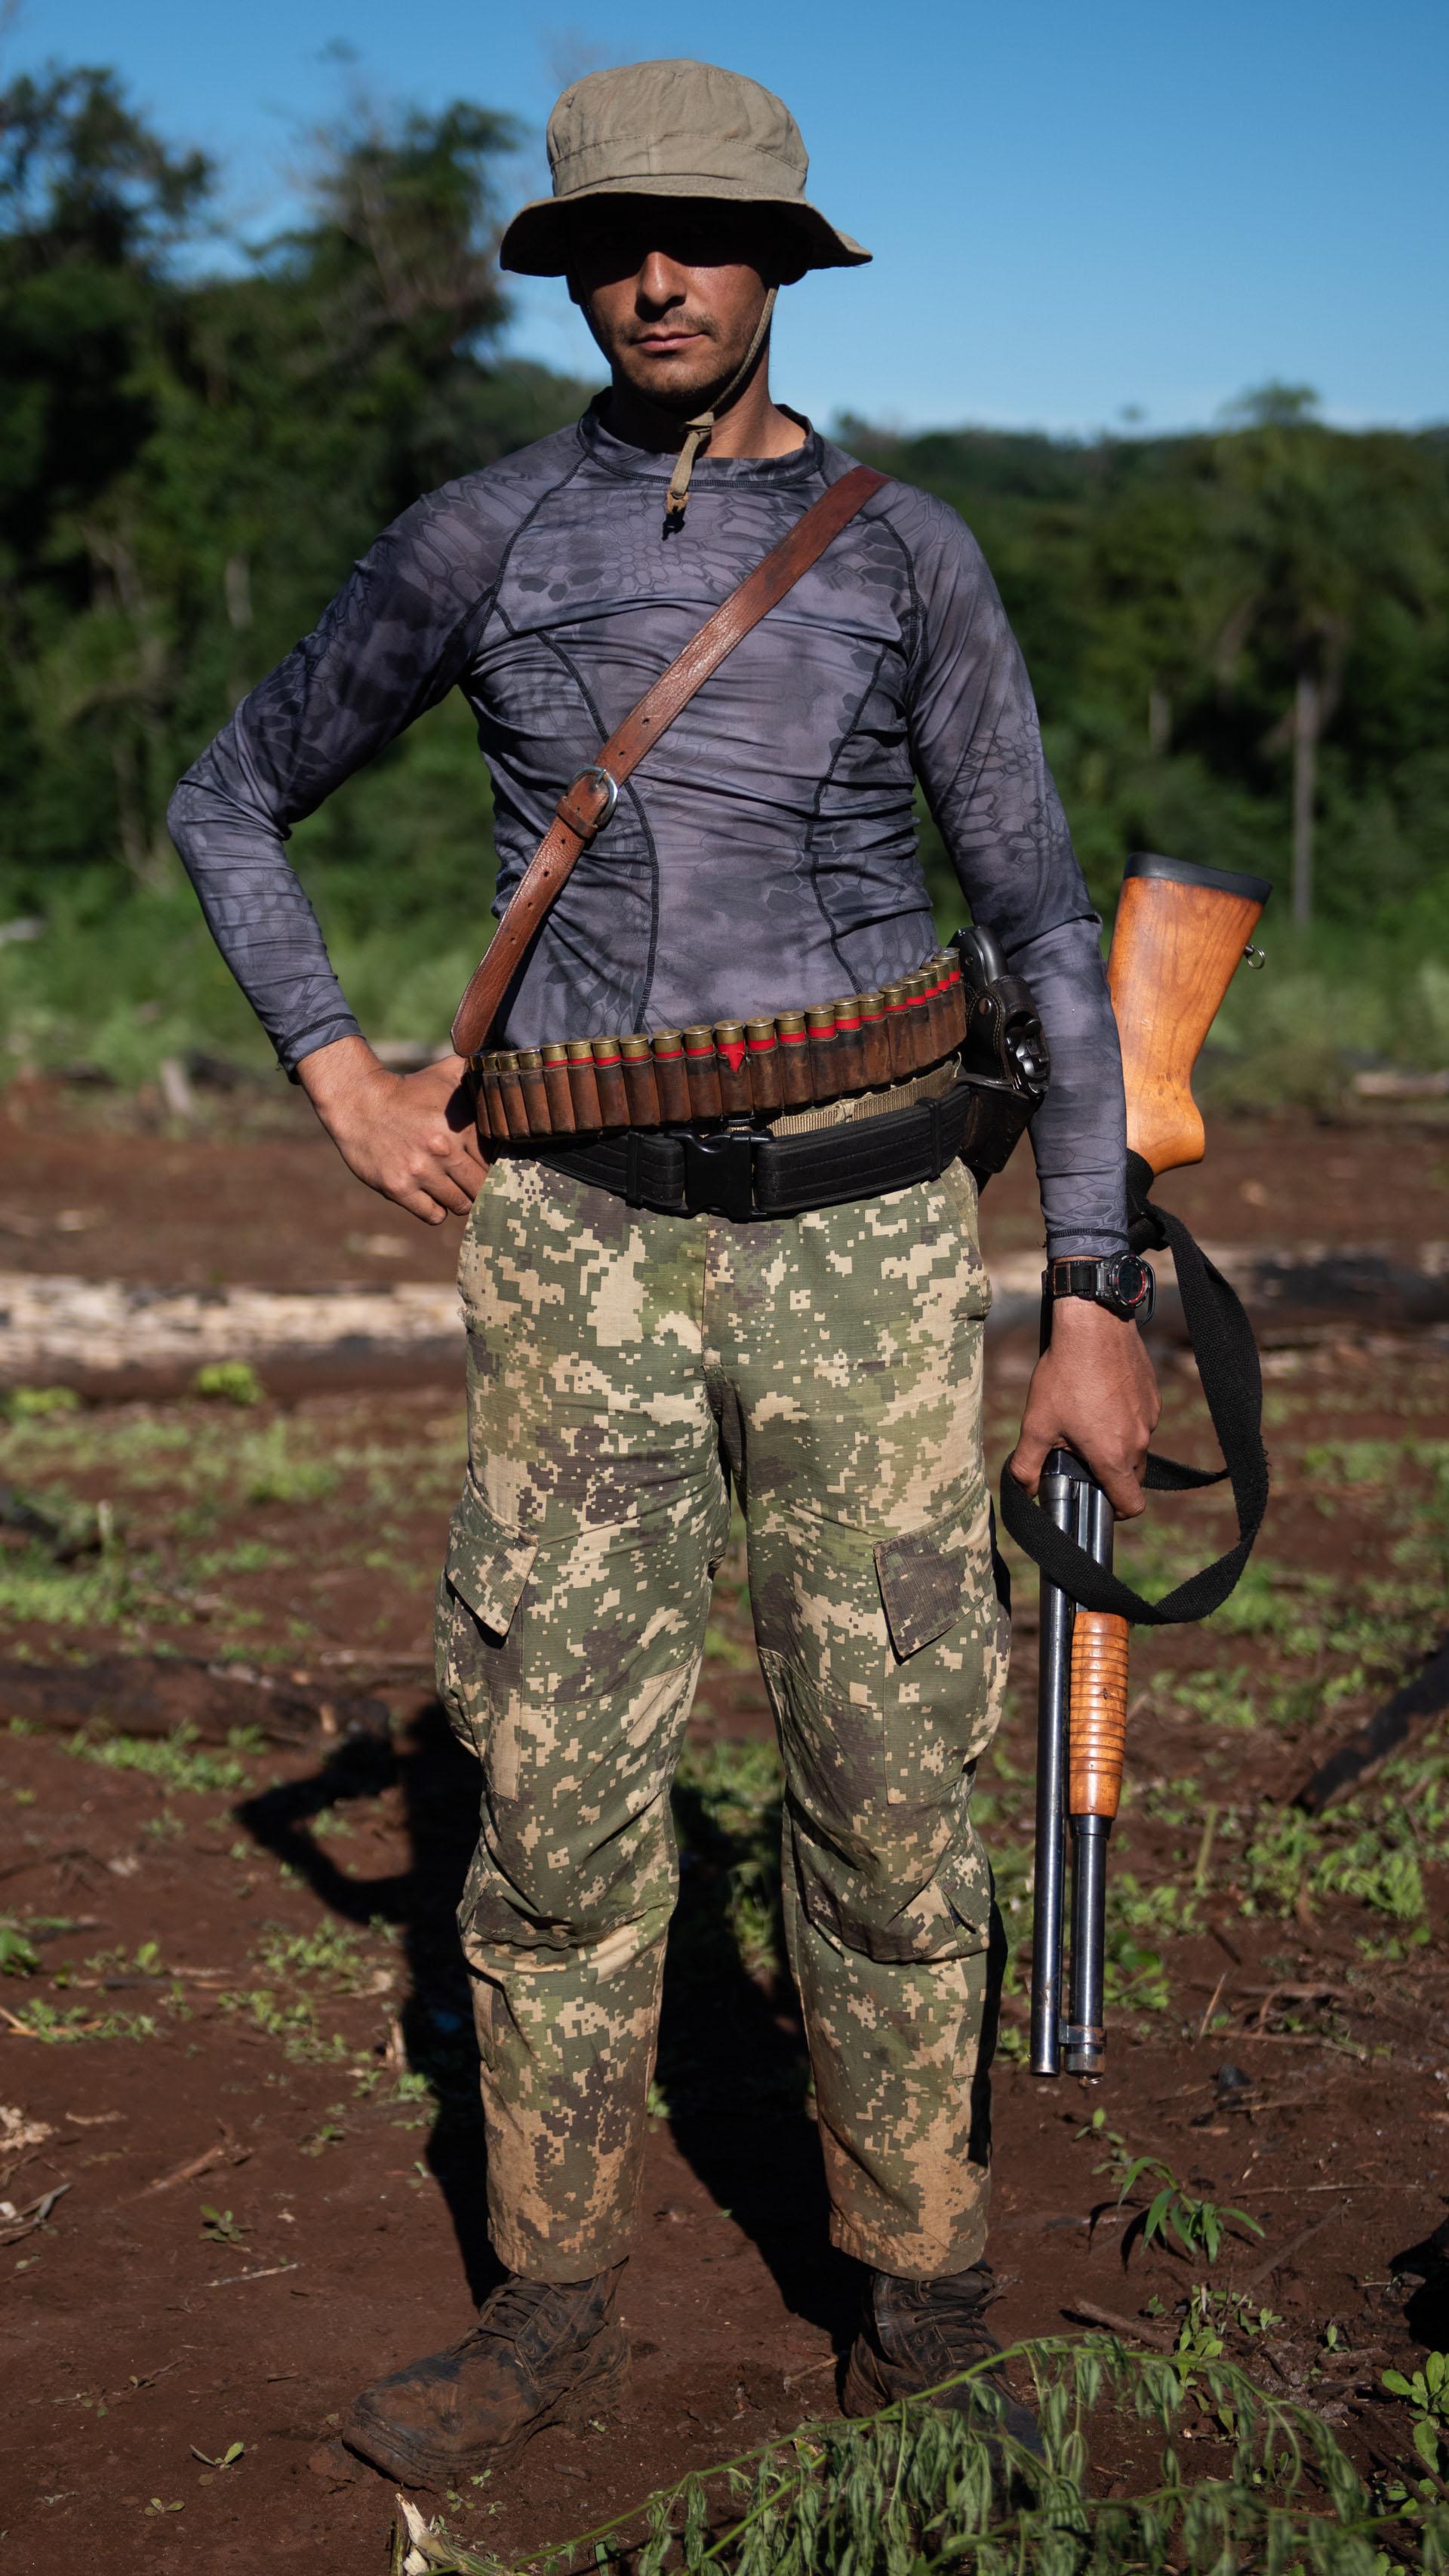 Hombres del SENAD, la agencia antidrogas de Paraguay y de las fuerzas especiales en el territorio. Talan la marihuana a machetazos. Luego se incinera.